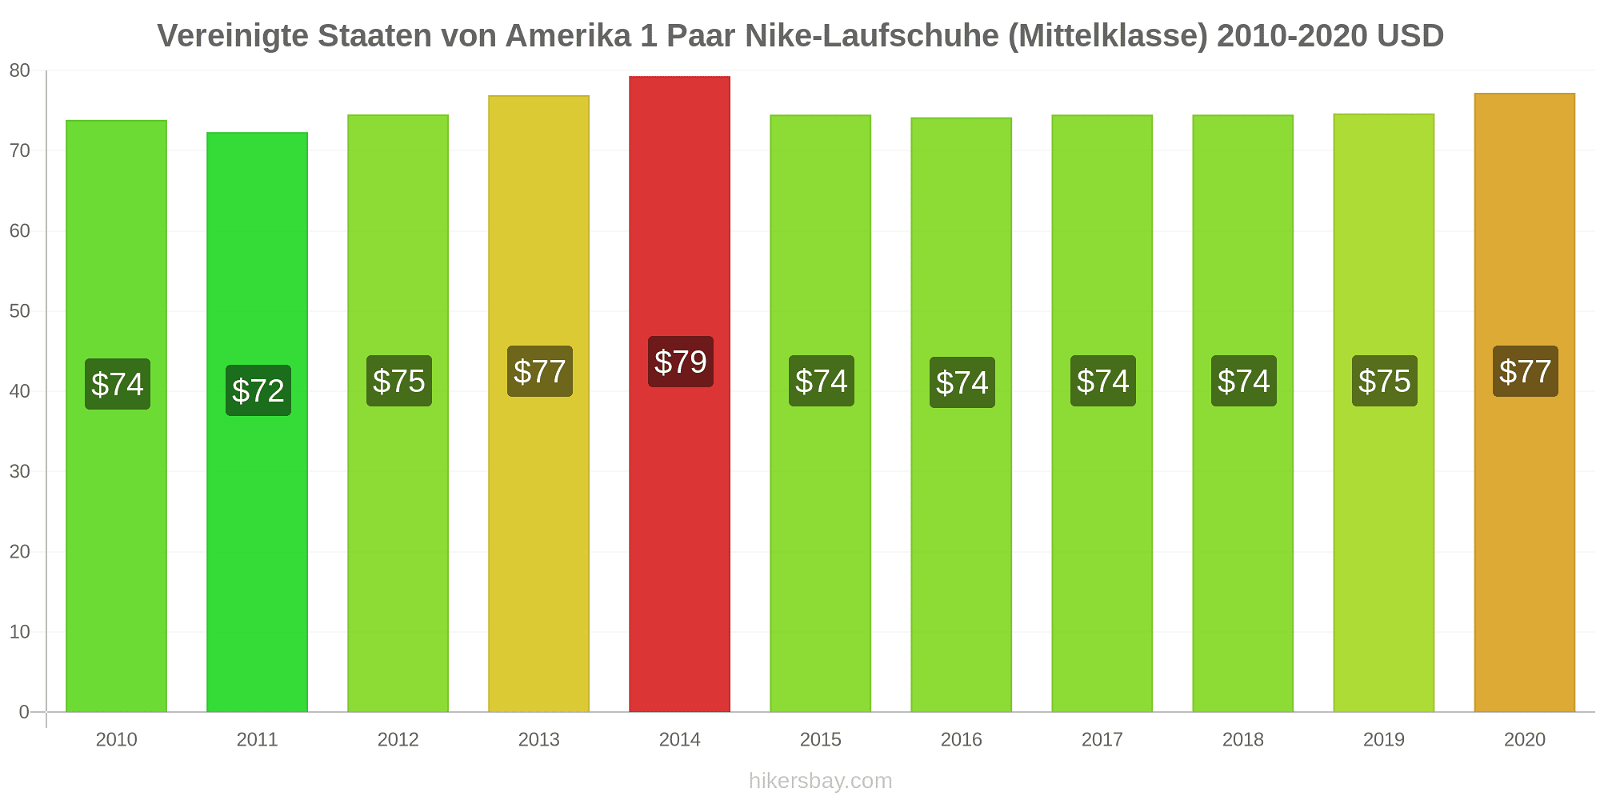 Vereinigte Staaten von Amerika Preisänderungen 1 Paar Nike Laufschuhe (Mittelklasse) hikersbay.com